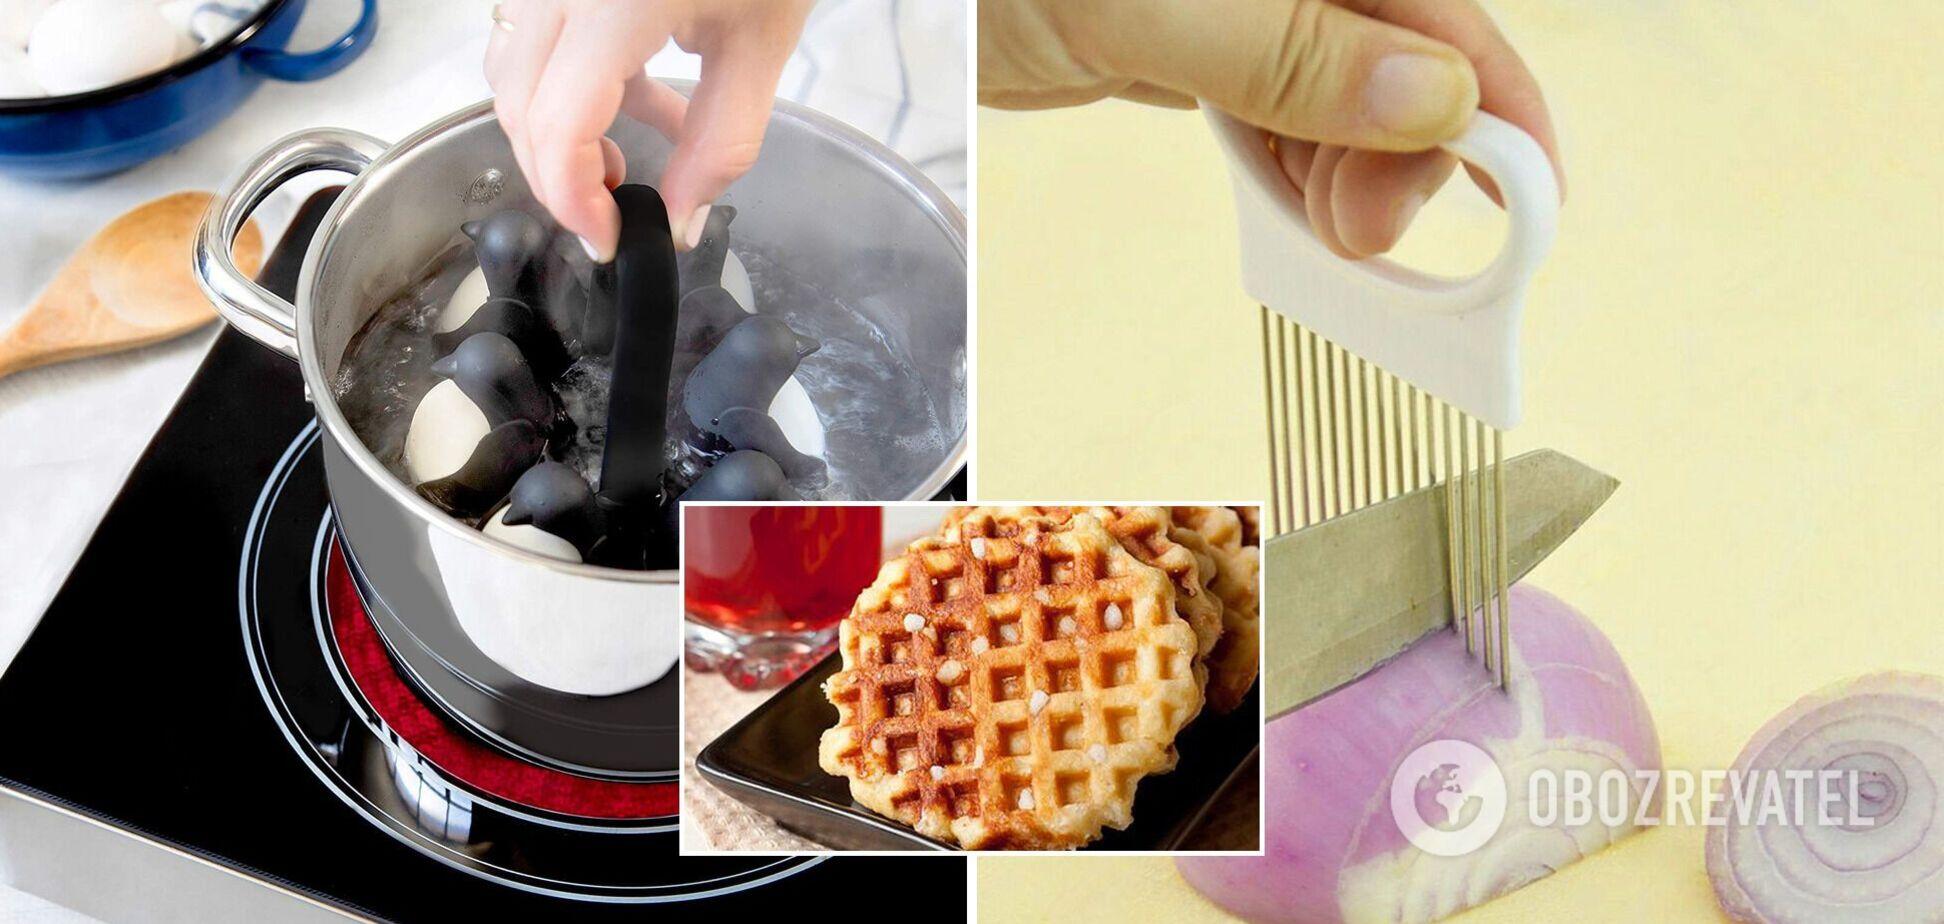 5 незаменимых гаджетов, которые облегчат жизнь на кухне